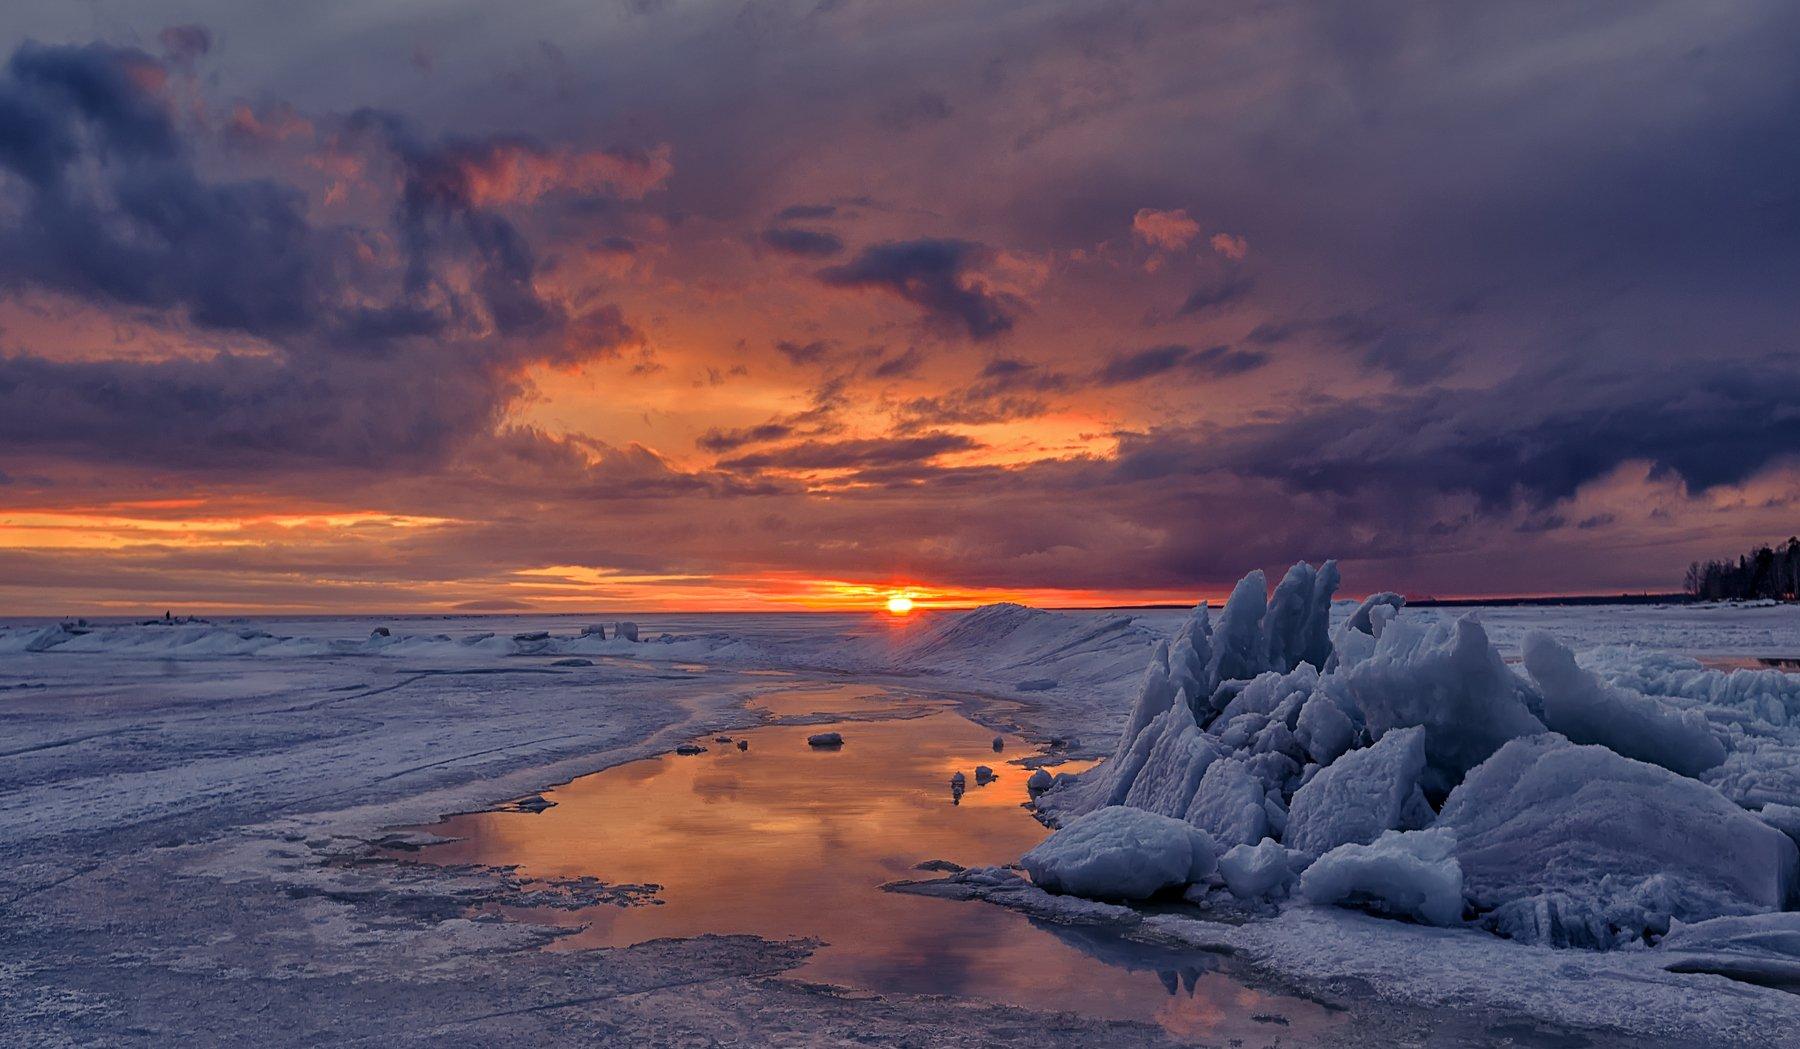 море,залив,закат,вечер,лёд,снег,отражения, Тамара